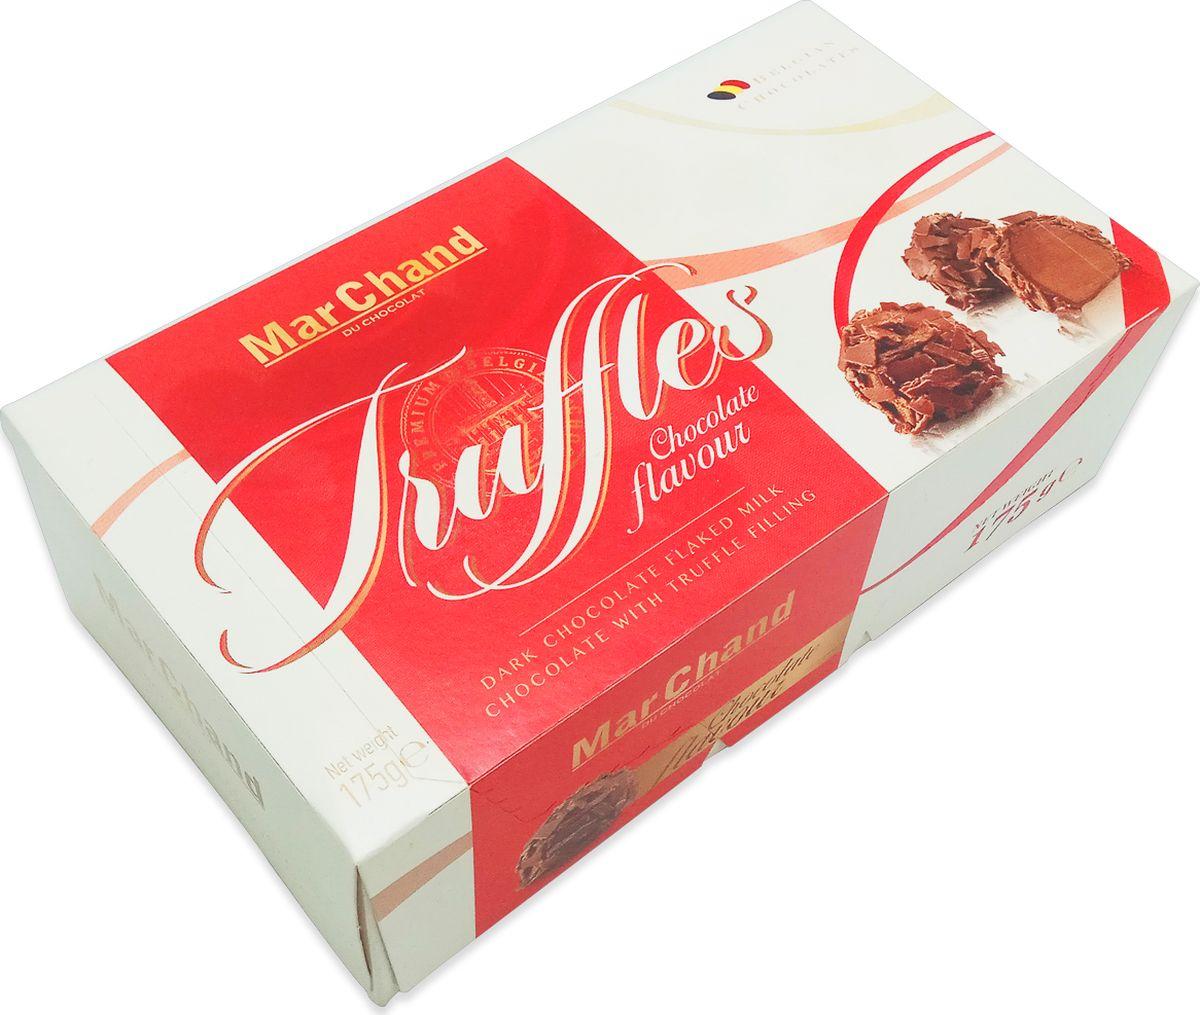 MarChand трюфели шоколадные конфеты шоколадные, 175 г chocmod конфеты chocmod трюфели париж 500г